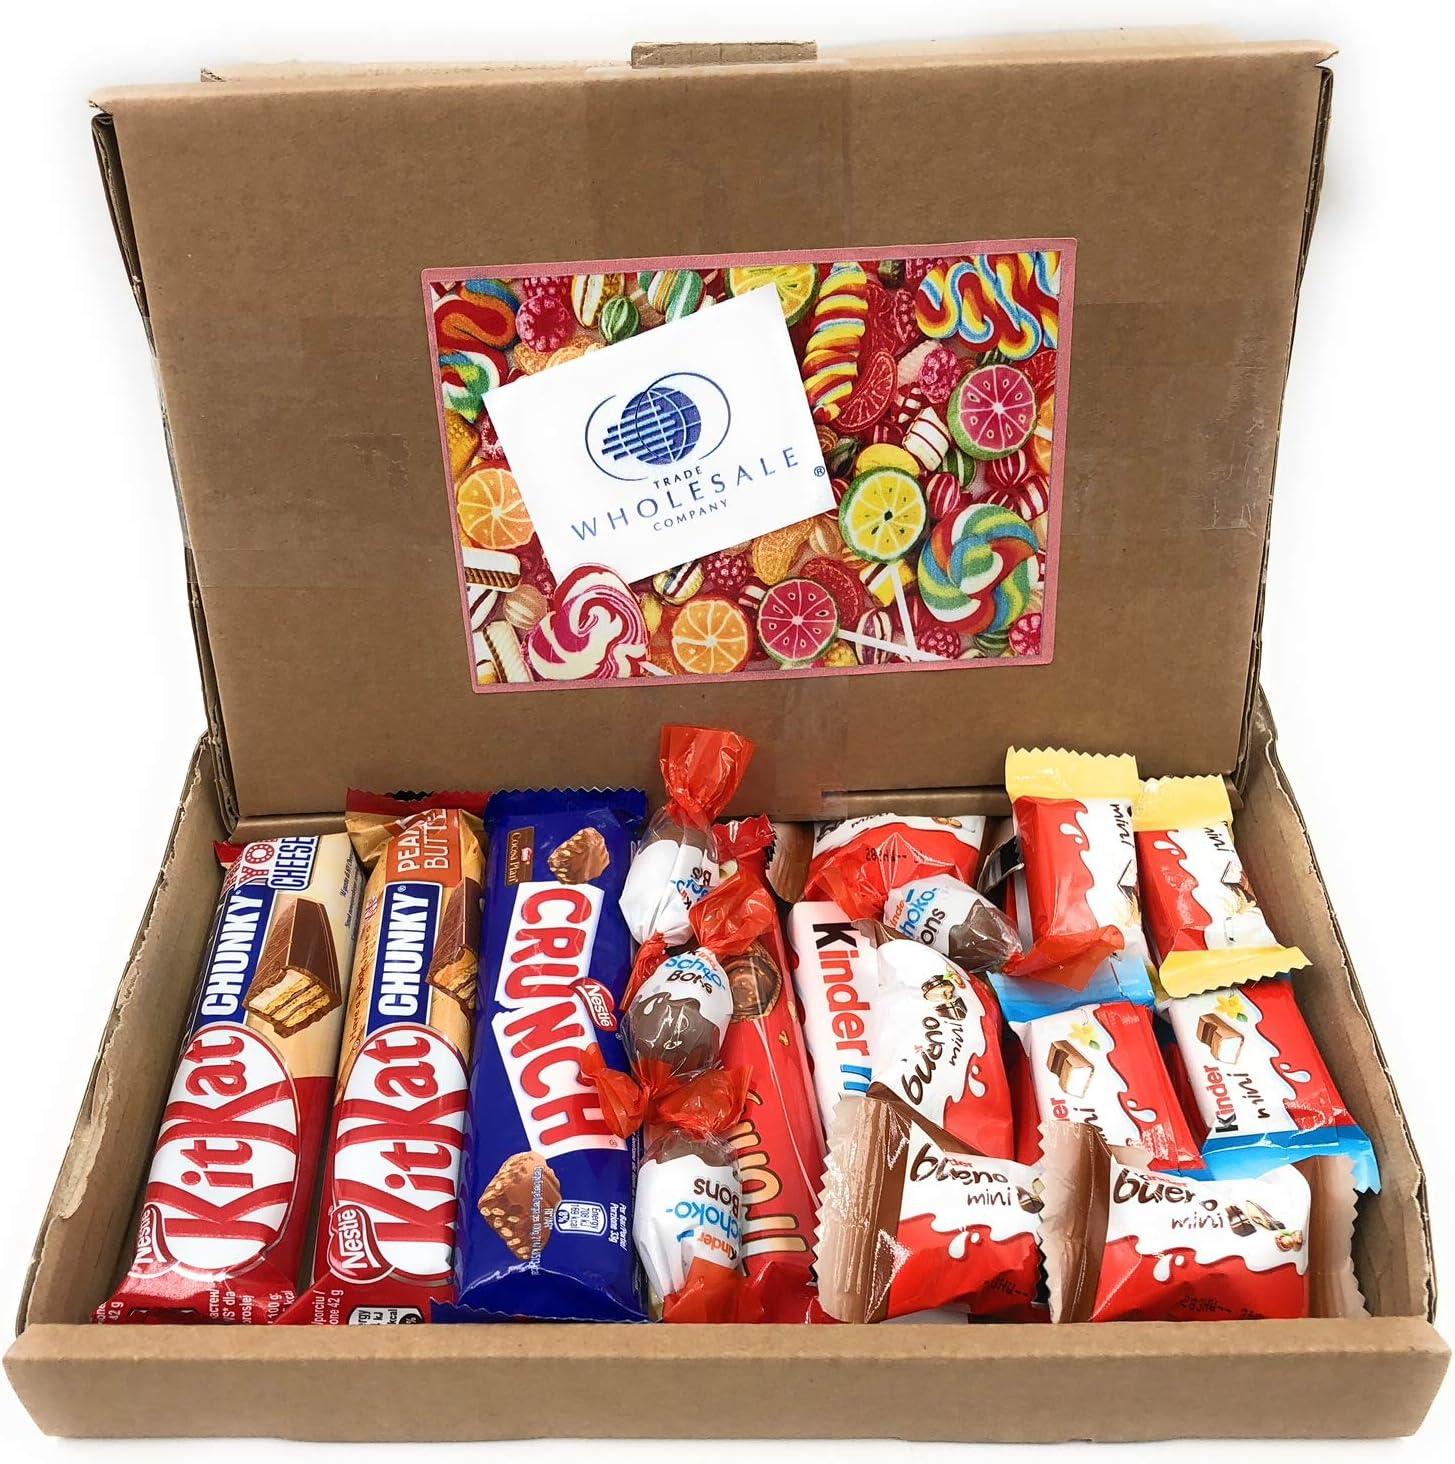 Mistery Box Paquete surtido de bocadillos Minis Ferrero Kinder Nestle Mantequilla de cacahuete Mini dulces de chocolate Dulces Para ideas de regalos de cumpleaños Caja vintage de cartón 18/24 piezas: Amazon.es: Alimentación